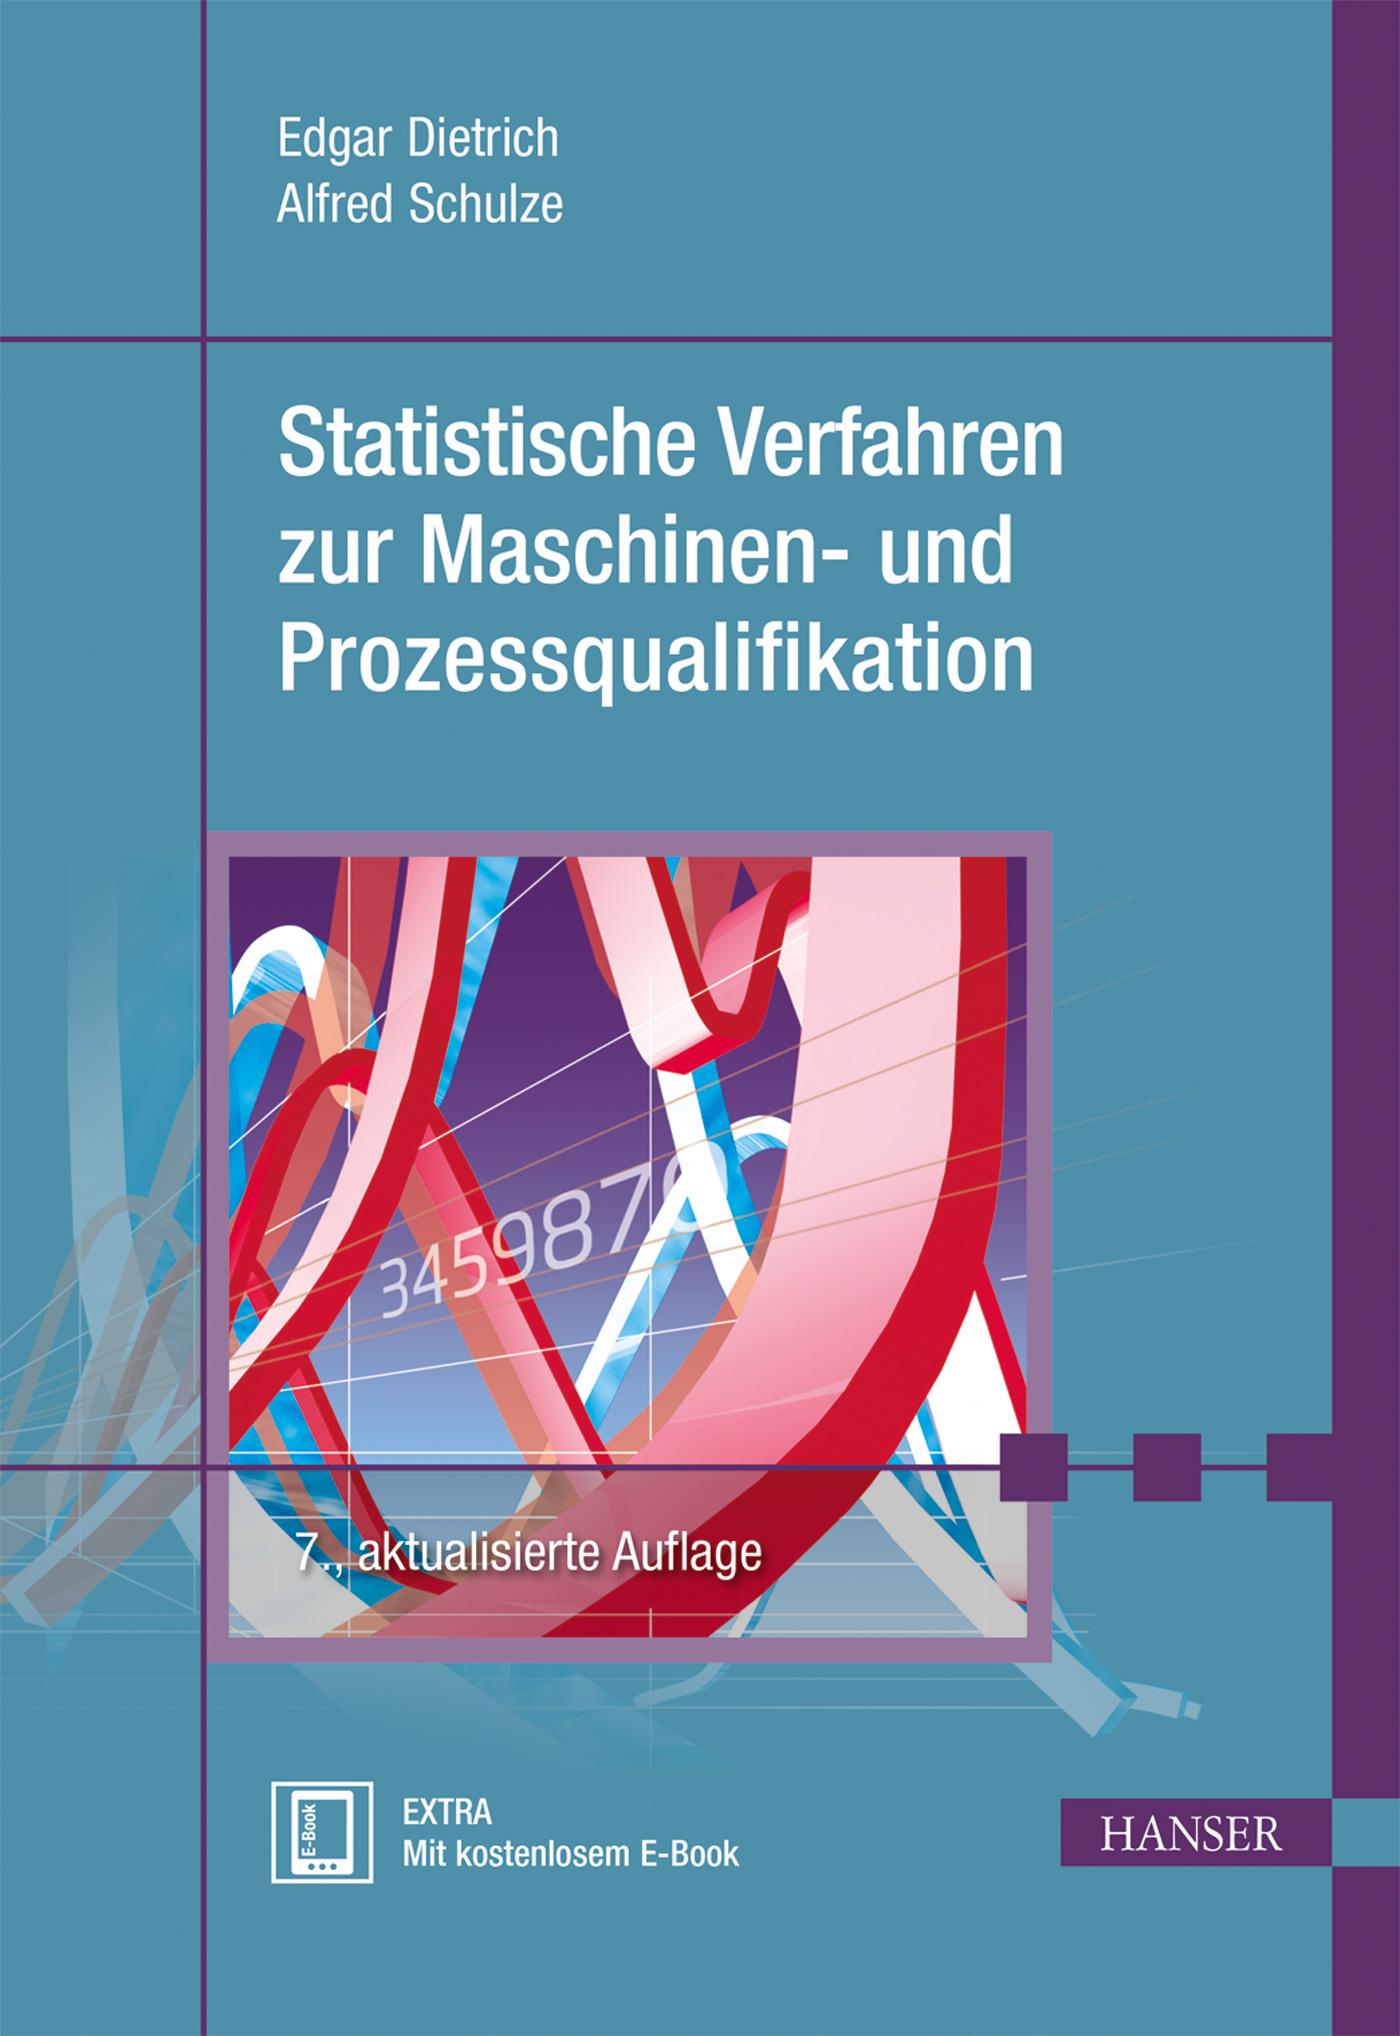 Dietrich, Schulze, Statistische Verfahren zur Maschinen- und Prozessqualifikation, 978-3-446-44055-5